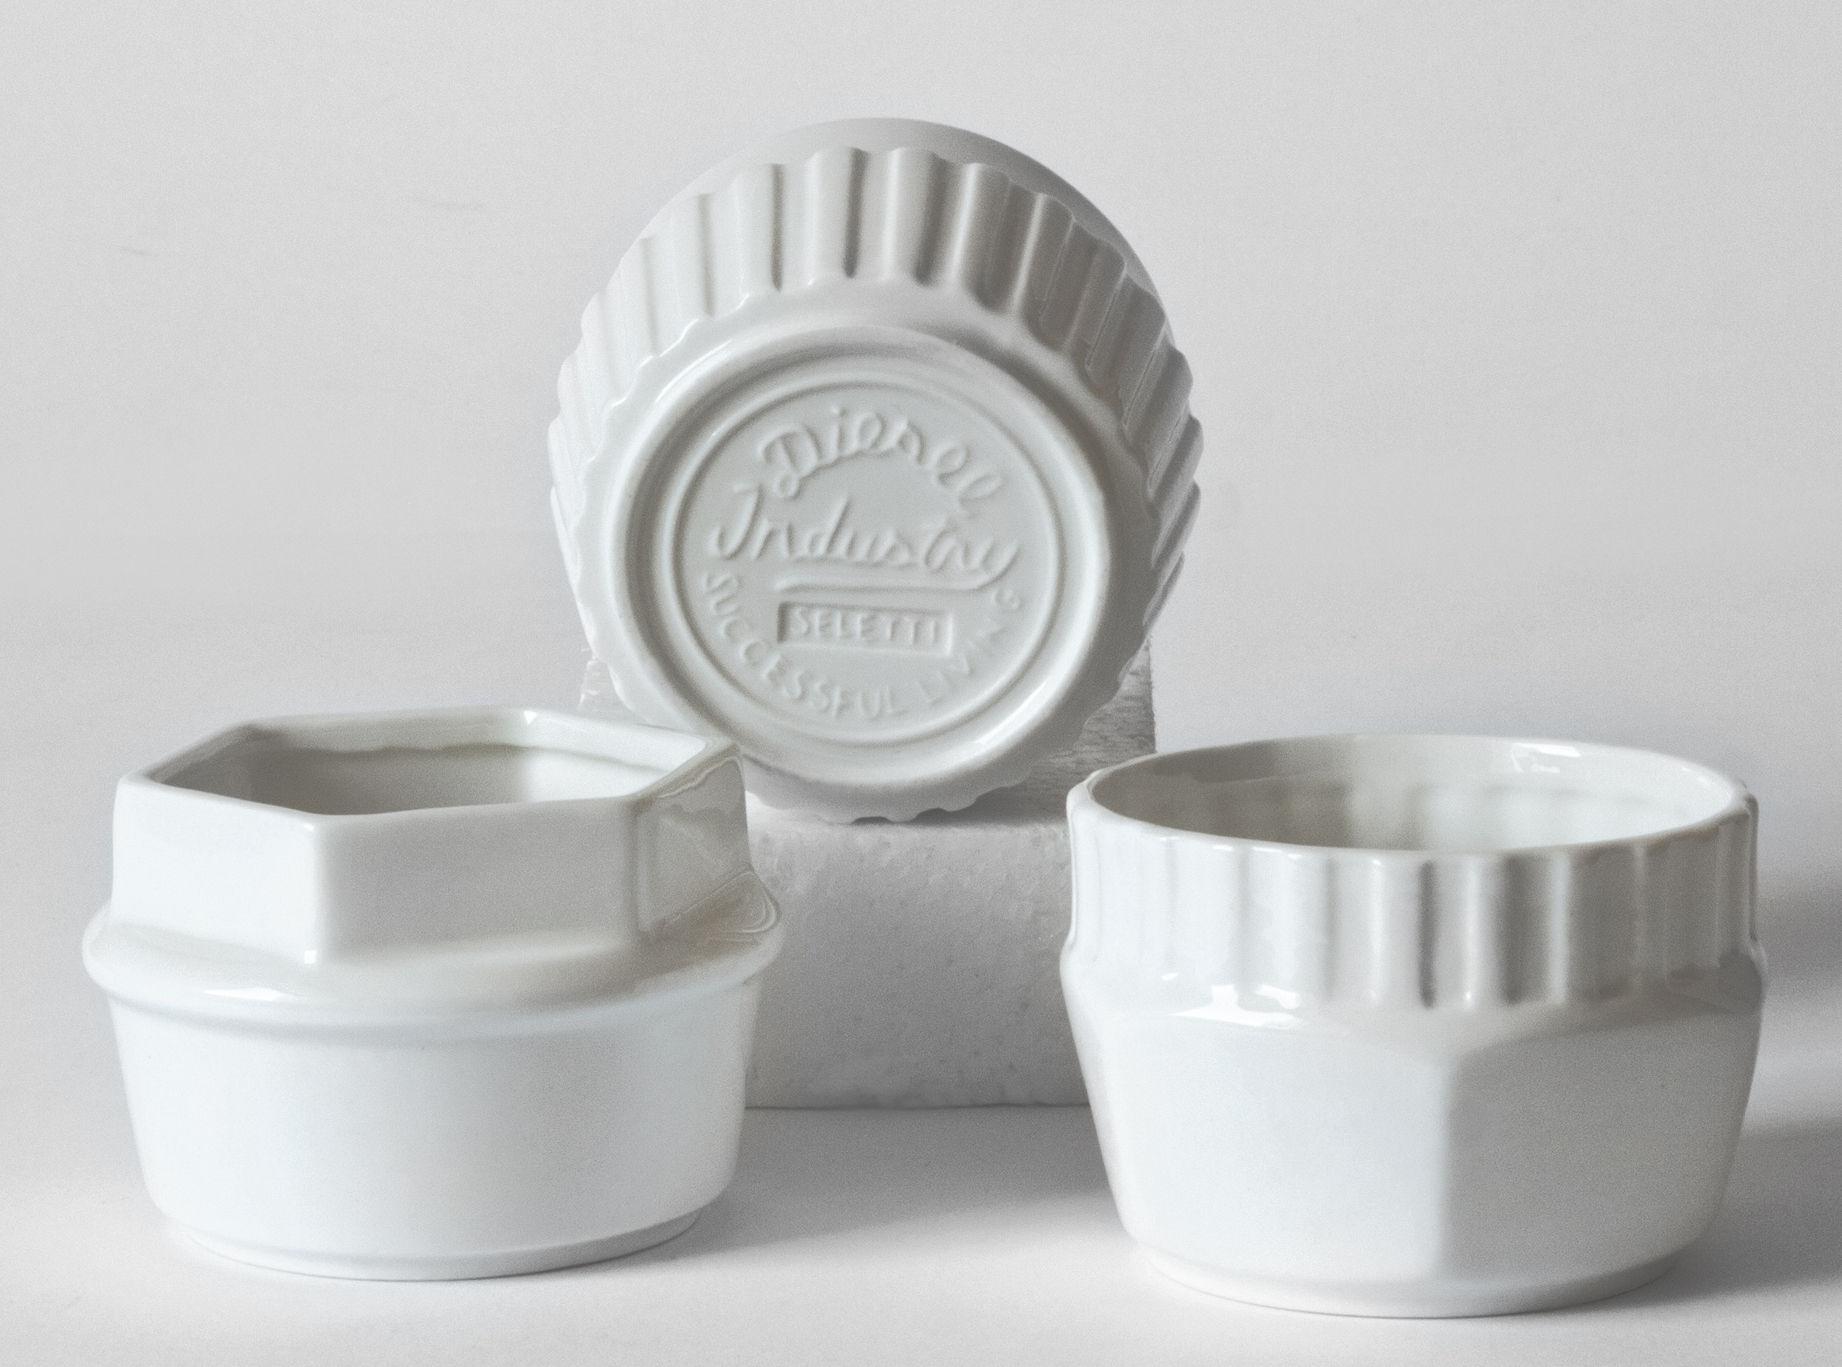 Tischkultur - Tassen und Becher - Machine Collection Schale / Schüssel - 3er Set - Diesel living with Seletti - Weiß - Porzellan